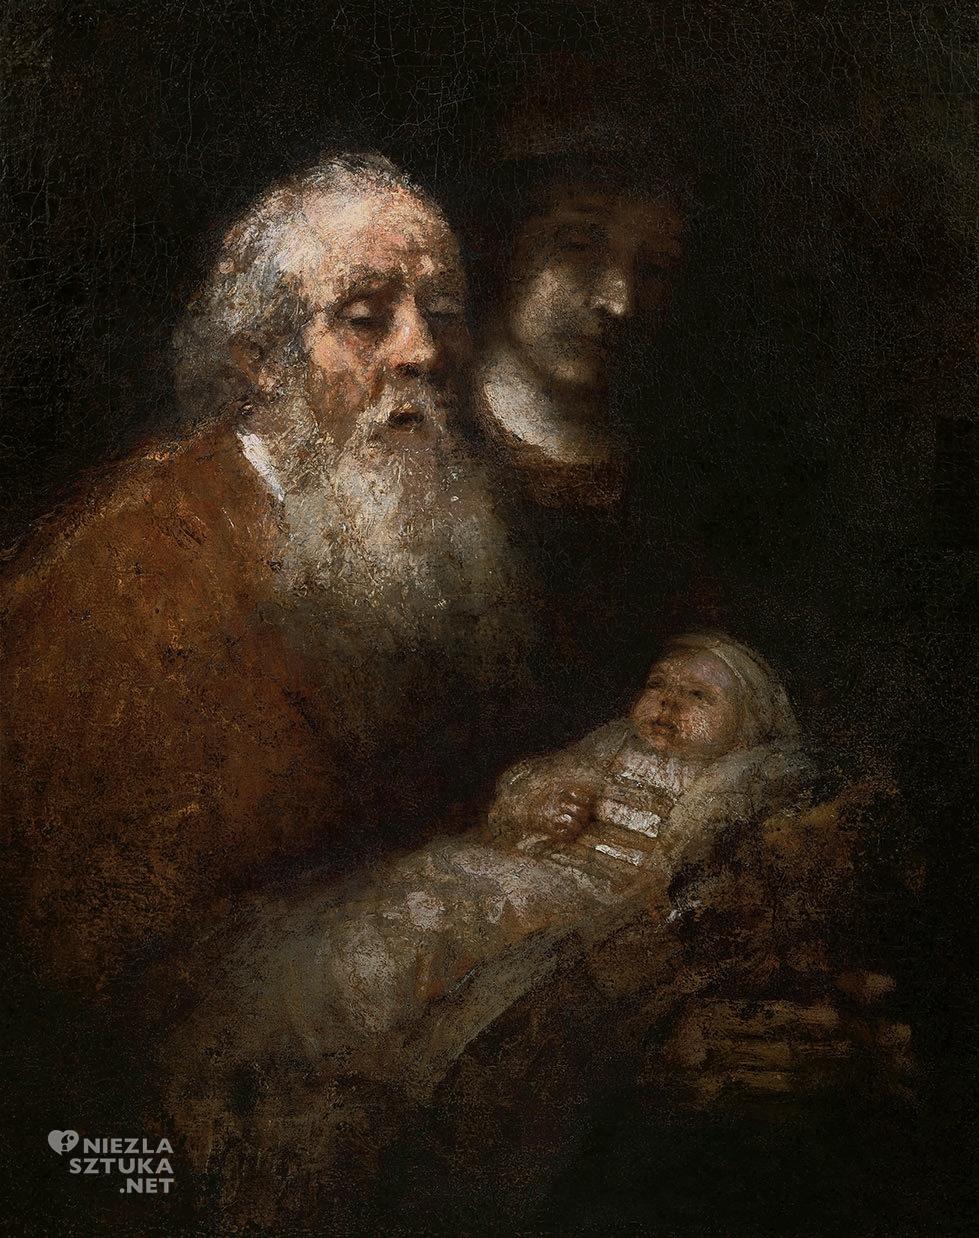 Rembrandt, Symeon w świątyni   1669, National Museum, Sztokholm, Niezła sztuka